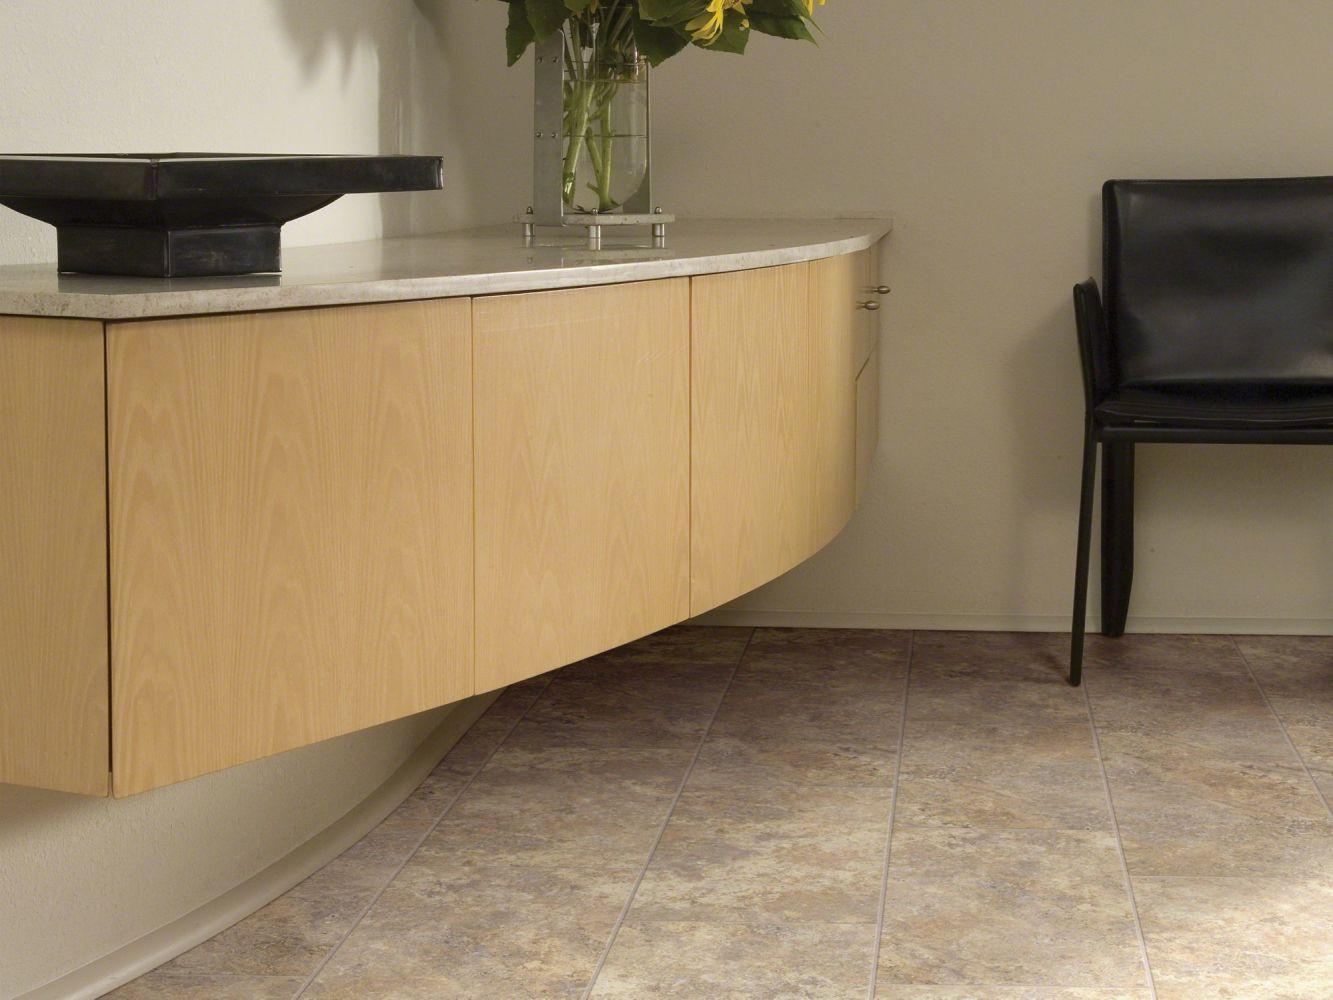 Shaw Floors Resilient Residential Journey Tile Fiji 00240_0494V